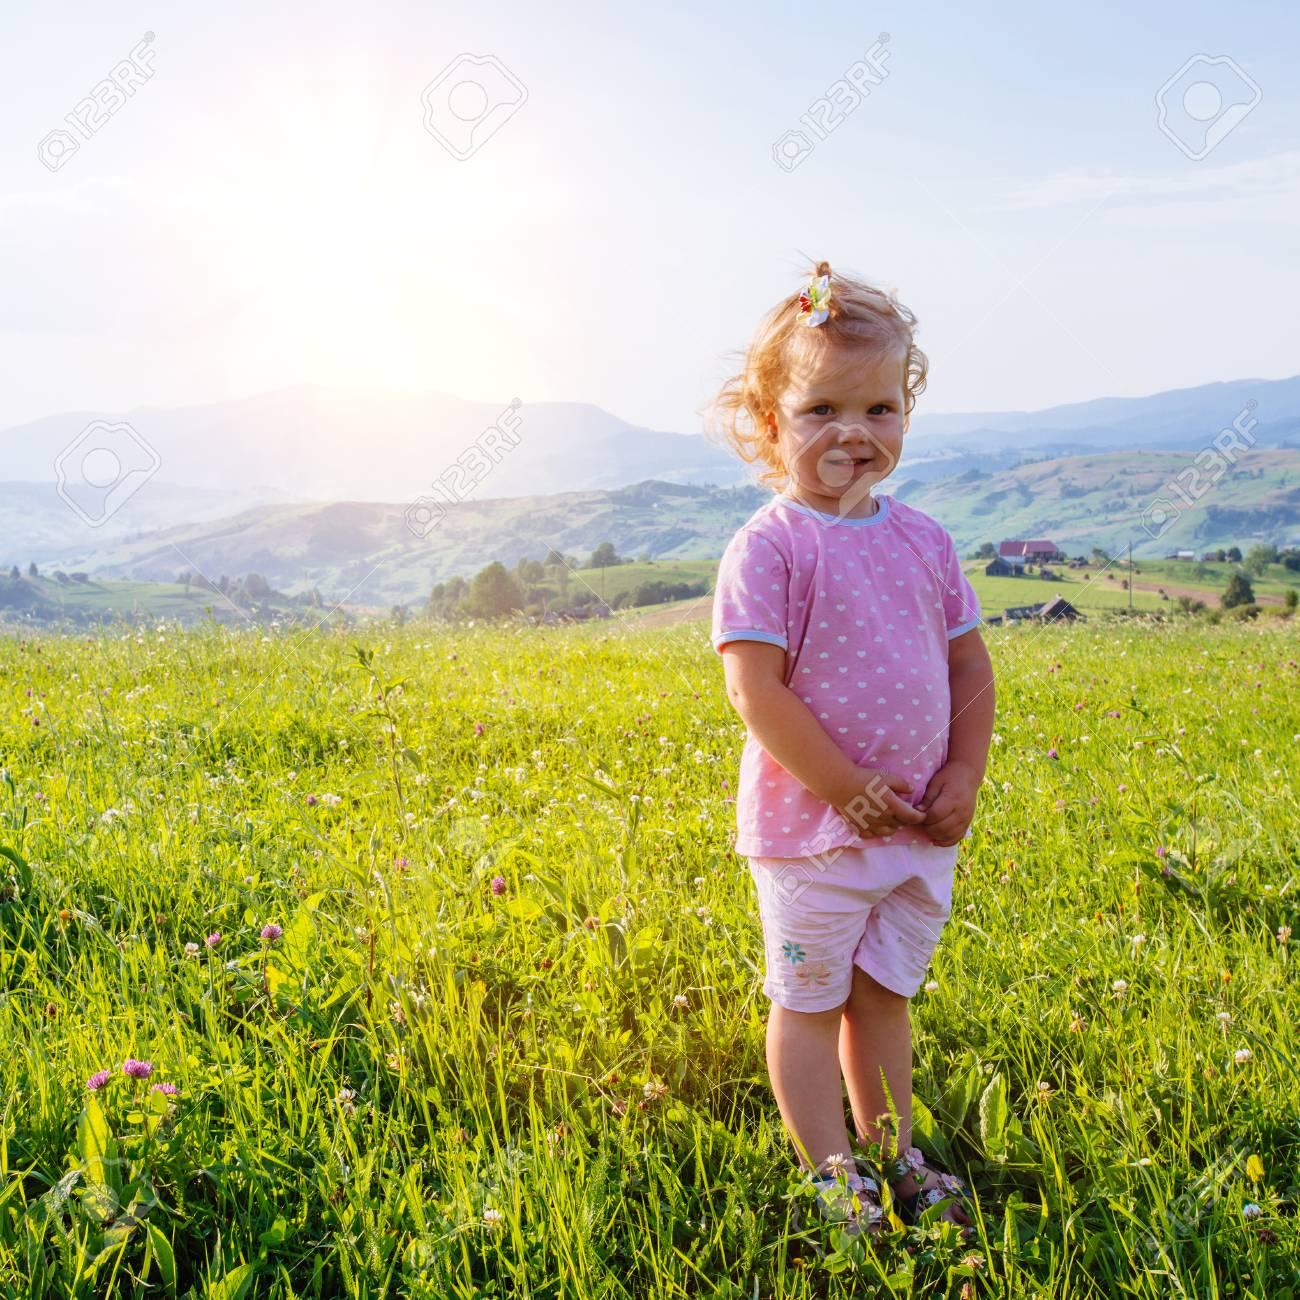 bb00cdcd1254bd Kleines Mädchen läuft durch eine schöne Wiese Standard-Bild - 71179308